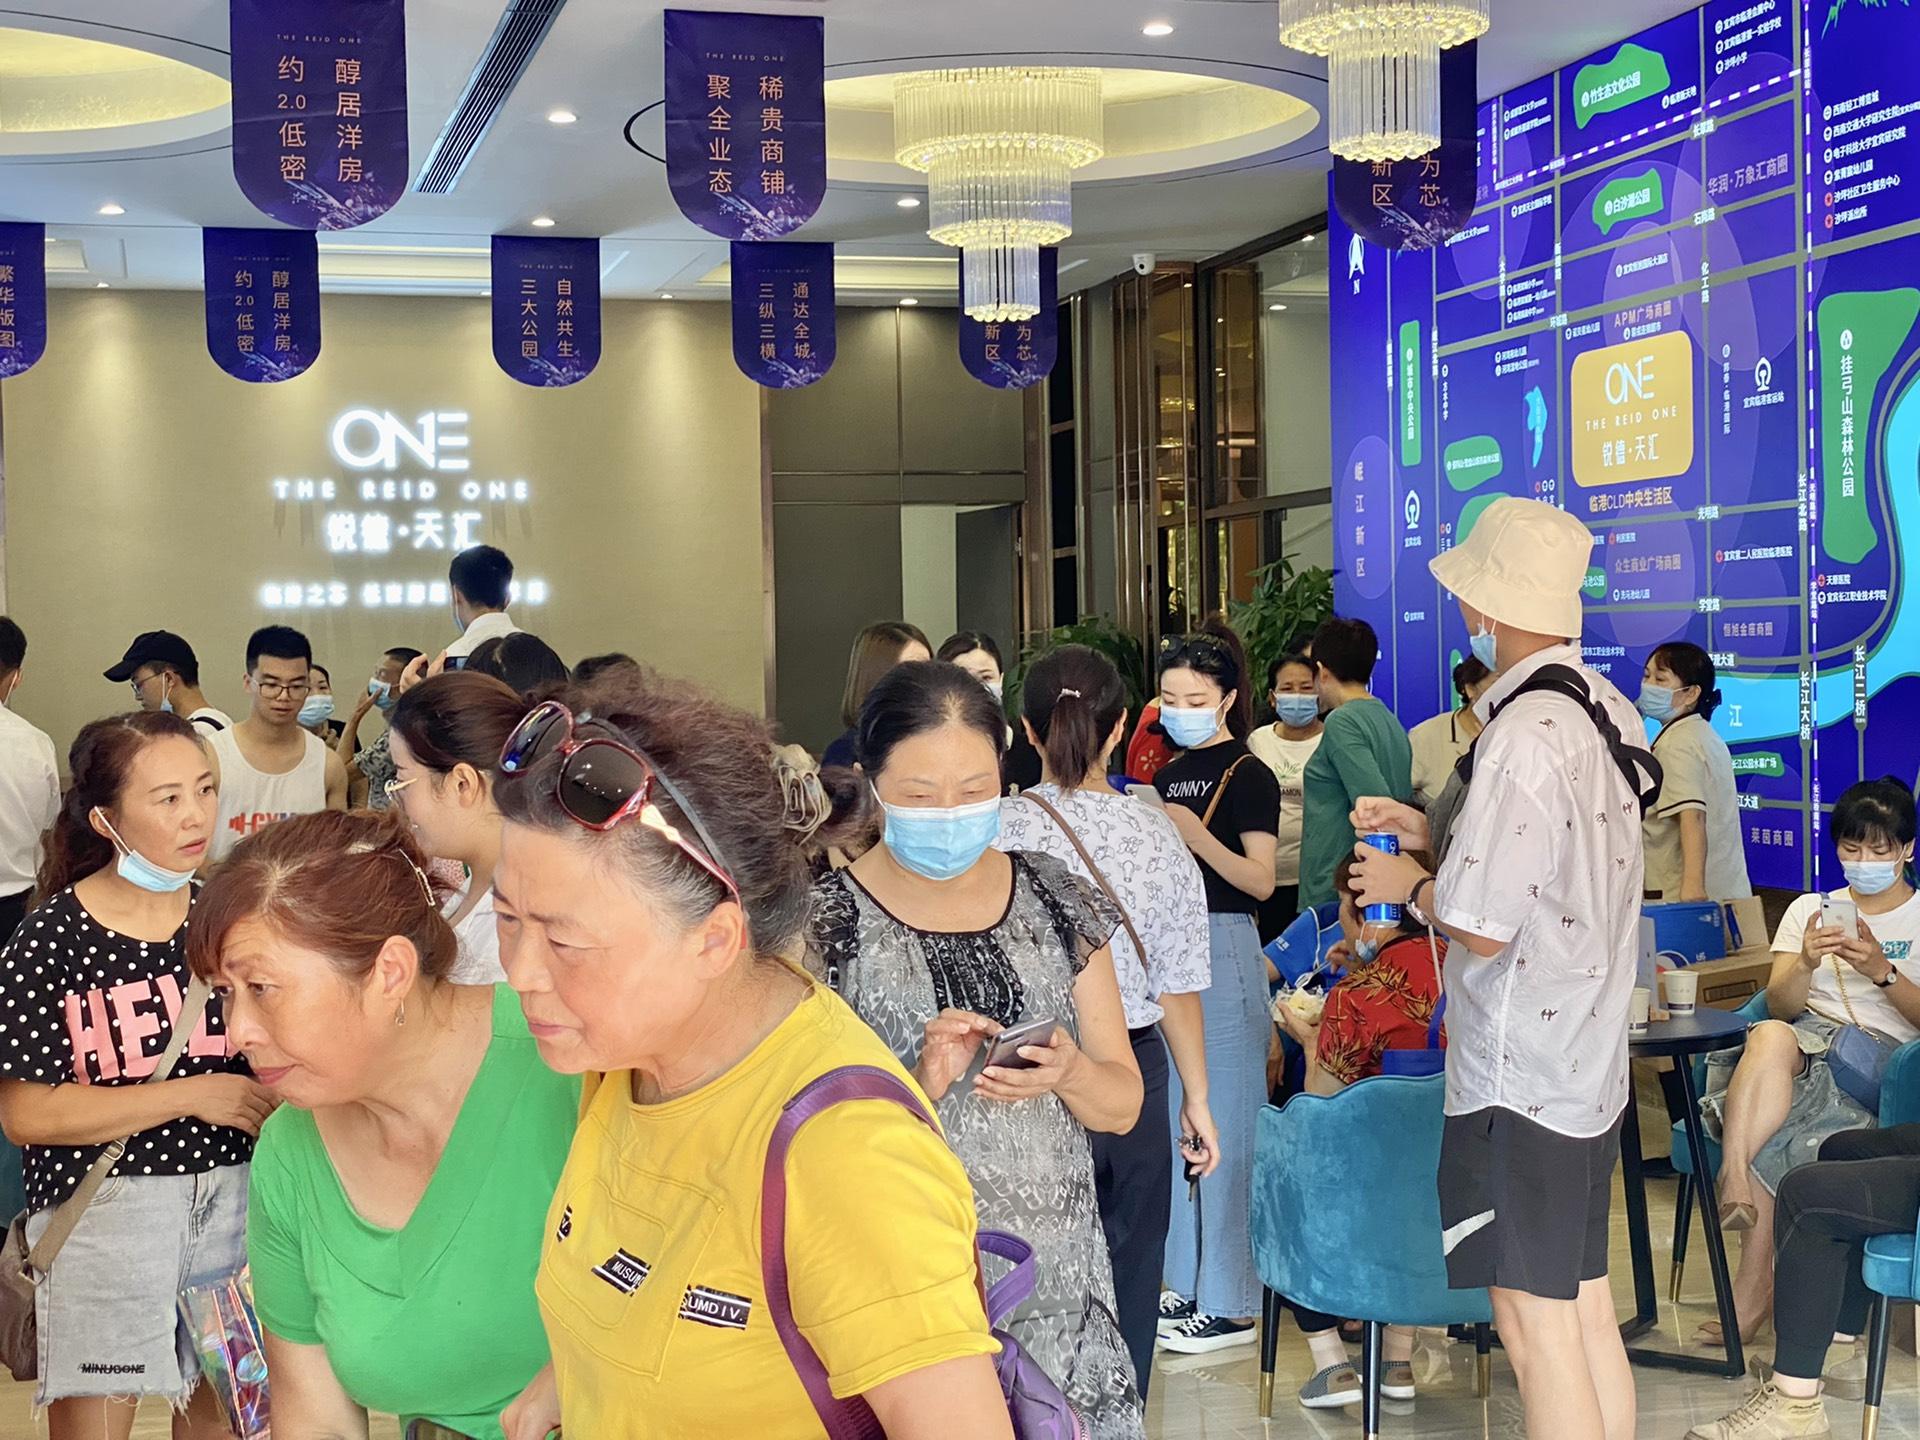 今天三江新区成熟区域新楼盘亮相!锐德天汇打造600户洋房!